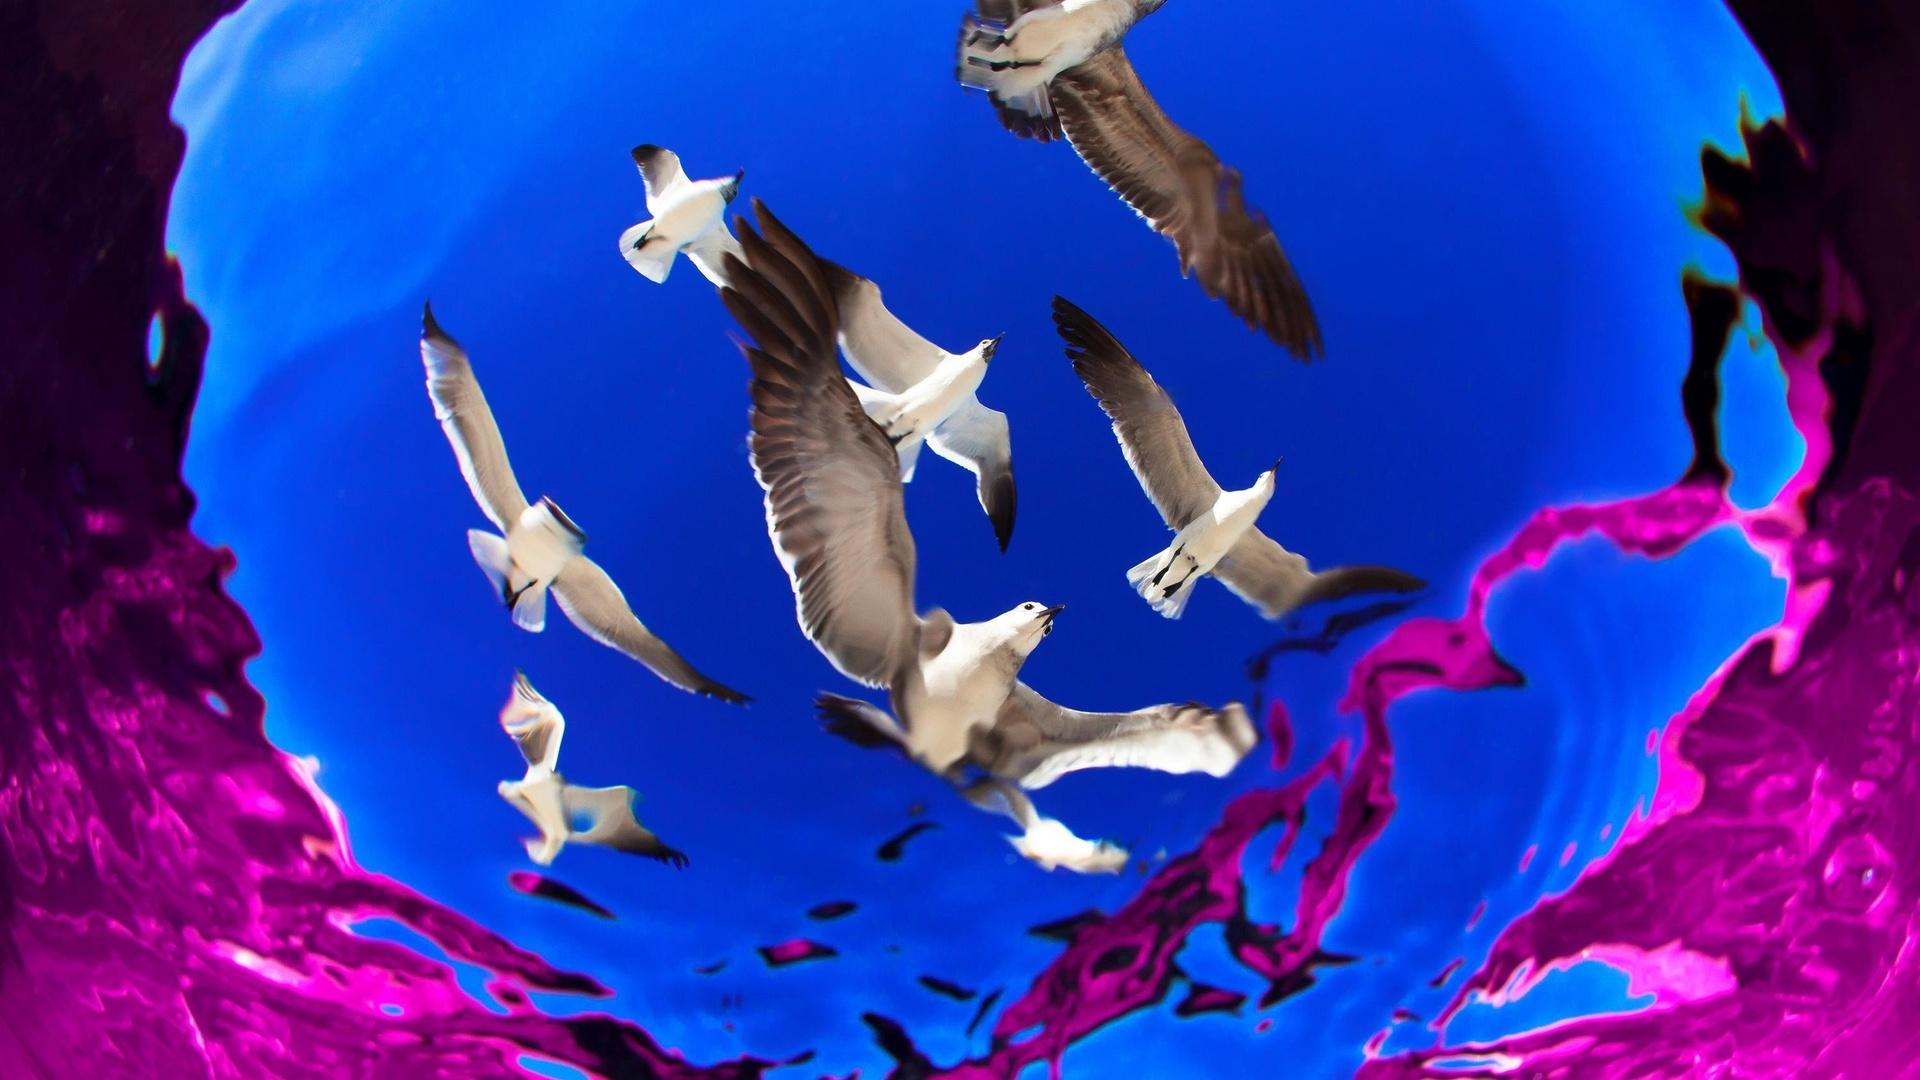 морские чайки, снимок из воды, фото, alejandro prieto